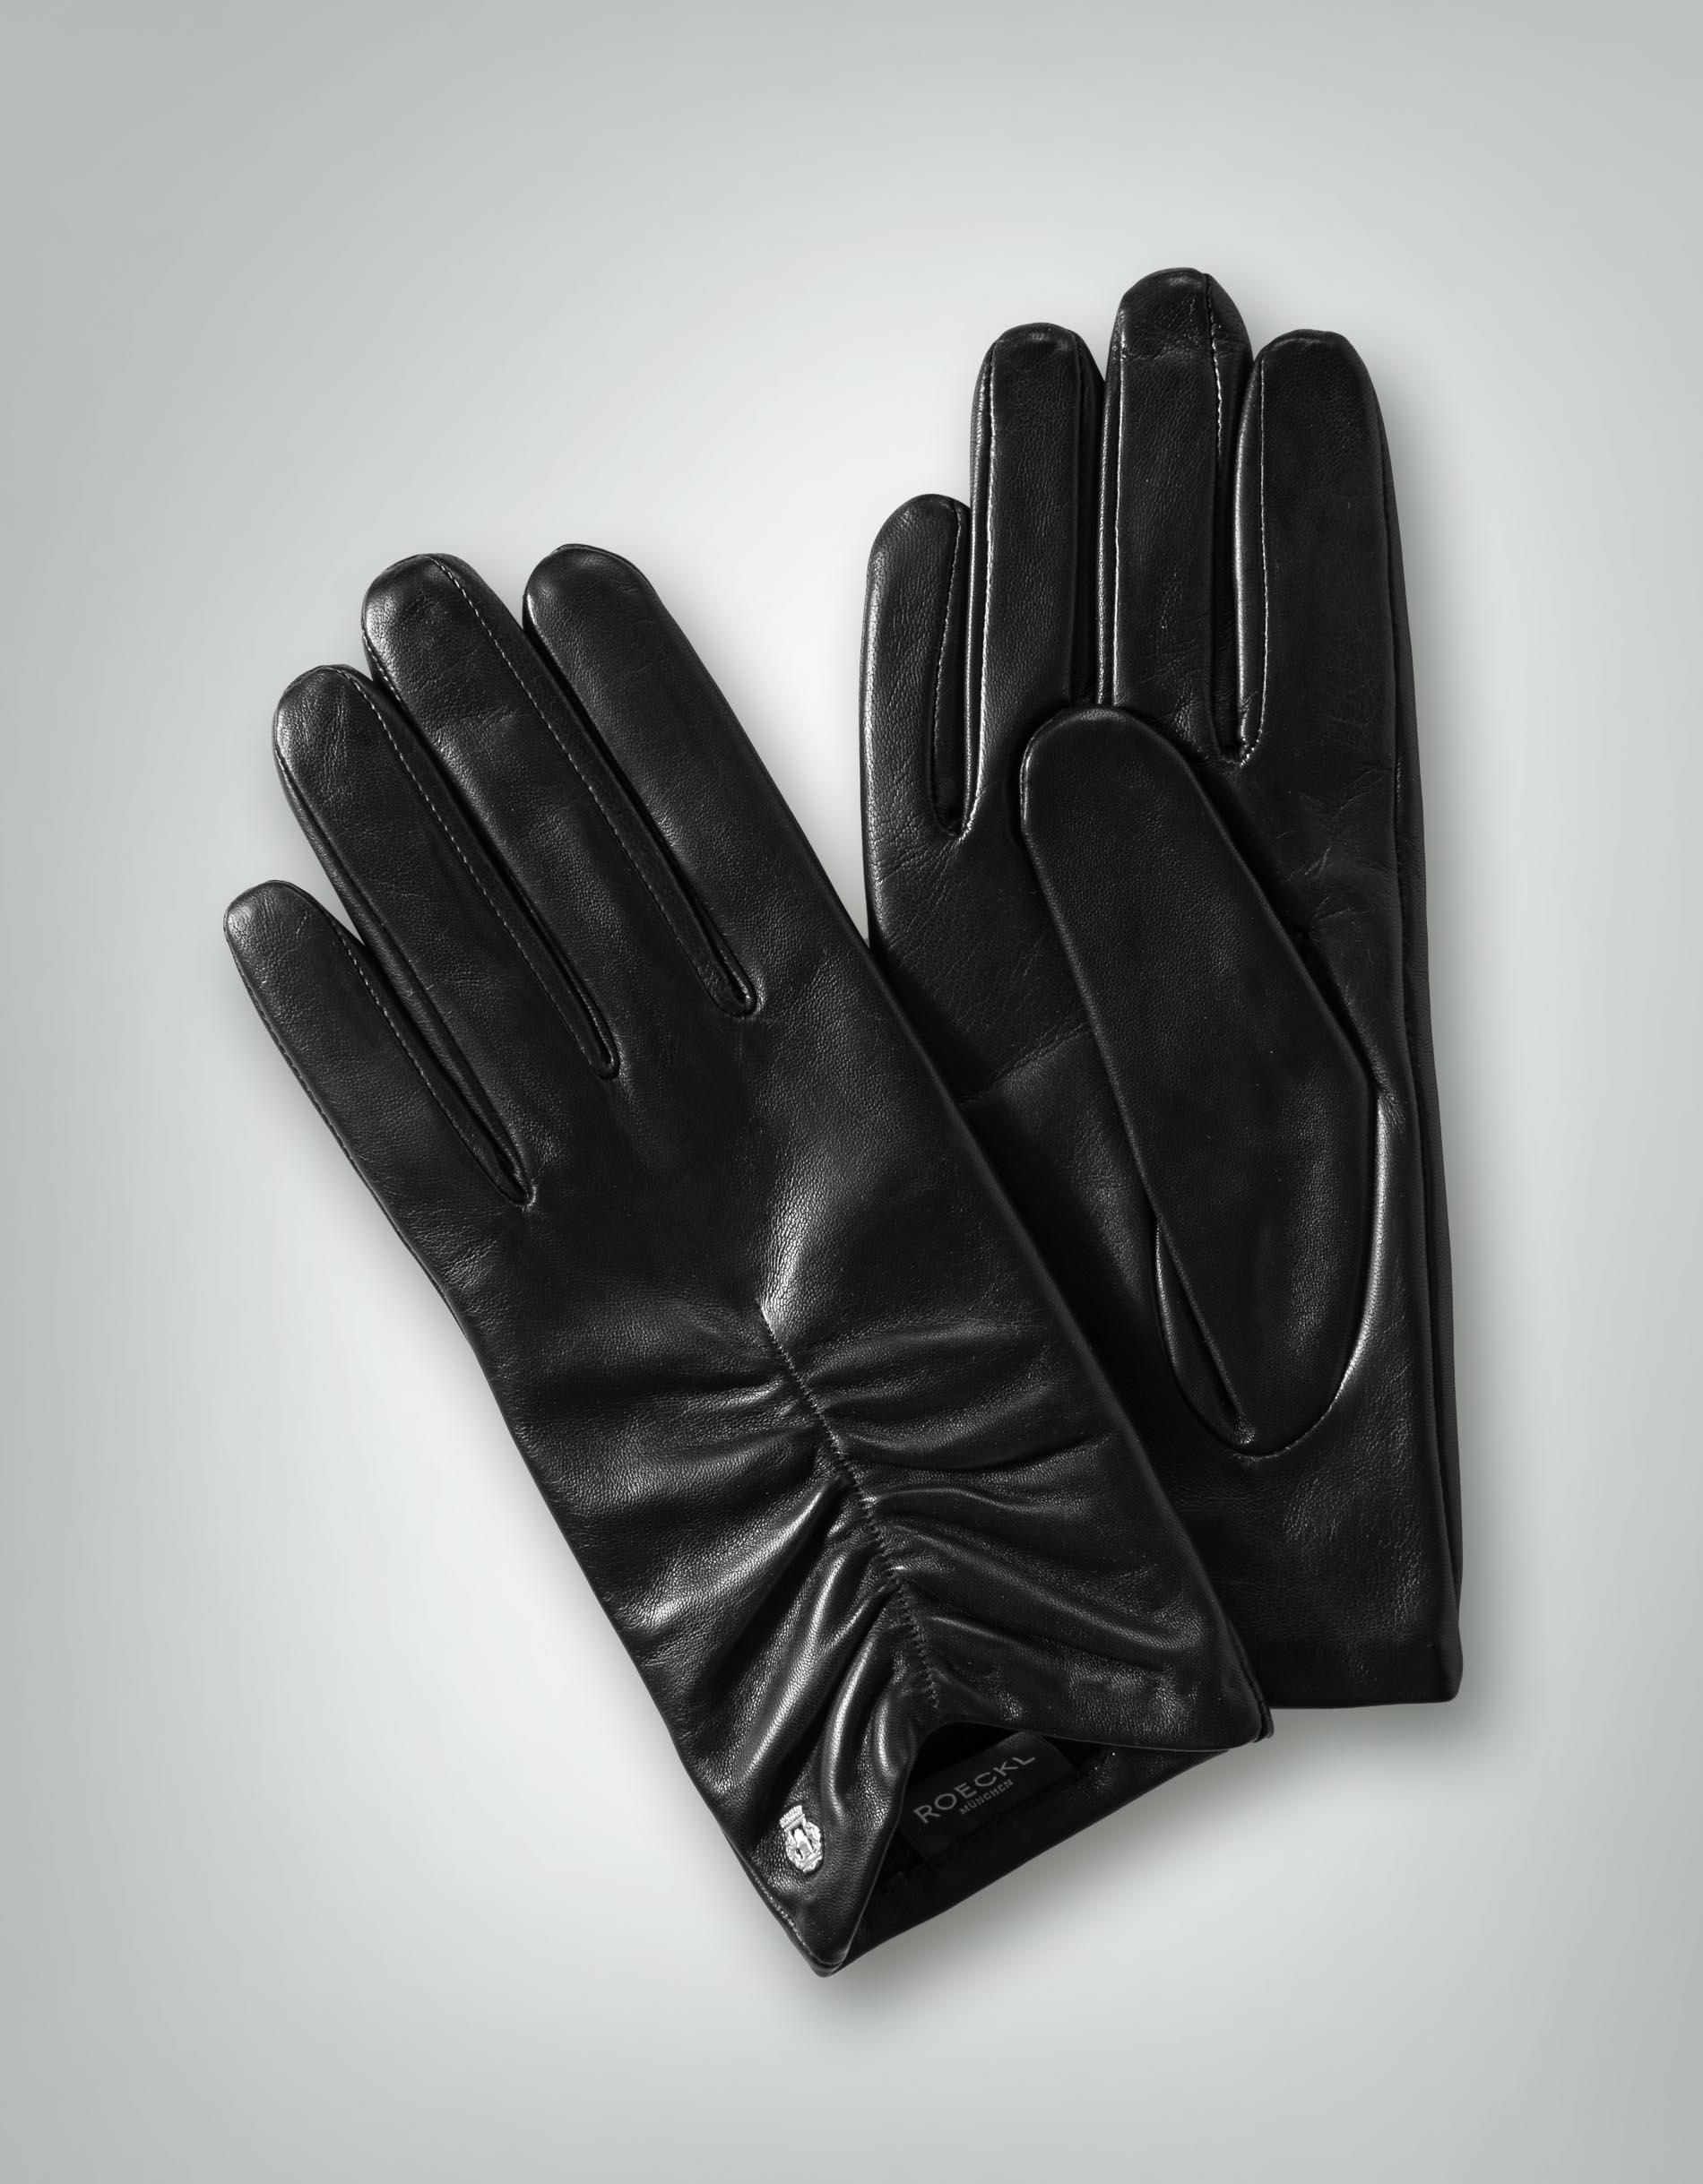 roeckl damen handschuhe lederhandschuh mit raffung vorne. Black Bedroom Furniture Sets. Home Design Ideas